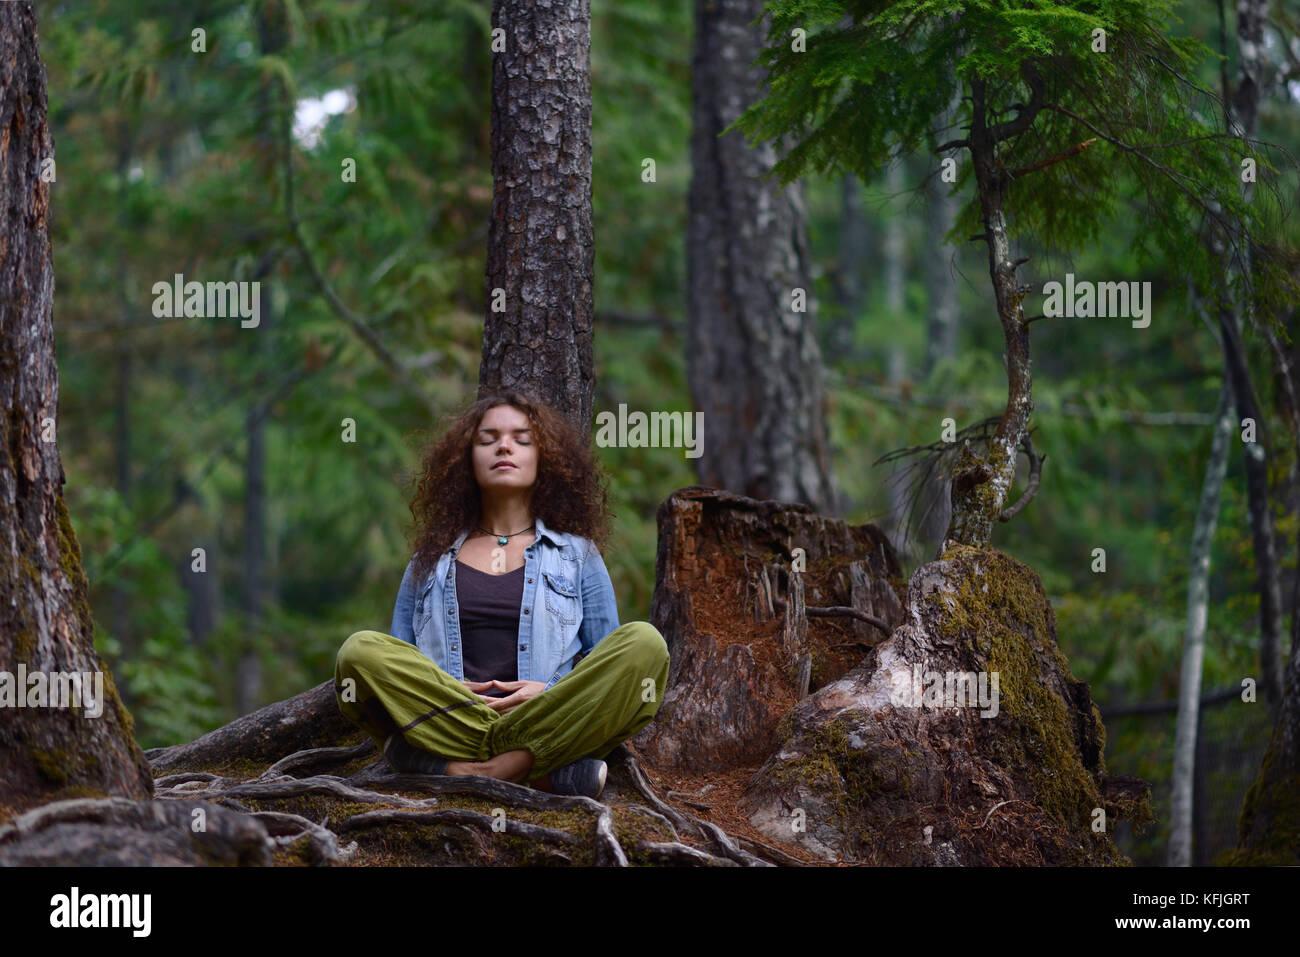 Junge Frau in einem Wald in Meditationshaltung sitzen lehnte sich gegen einen Baumstamm in der schönen, ruhigen Stockbild